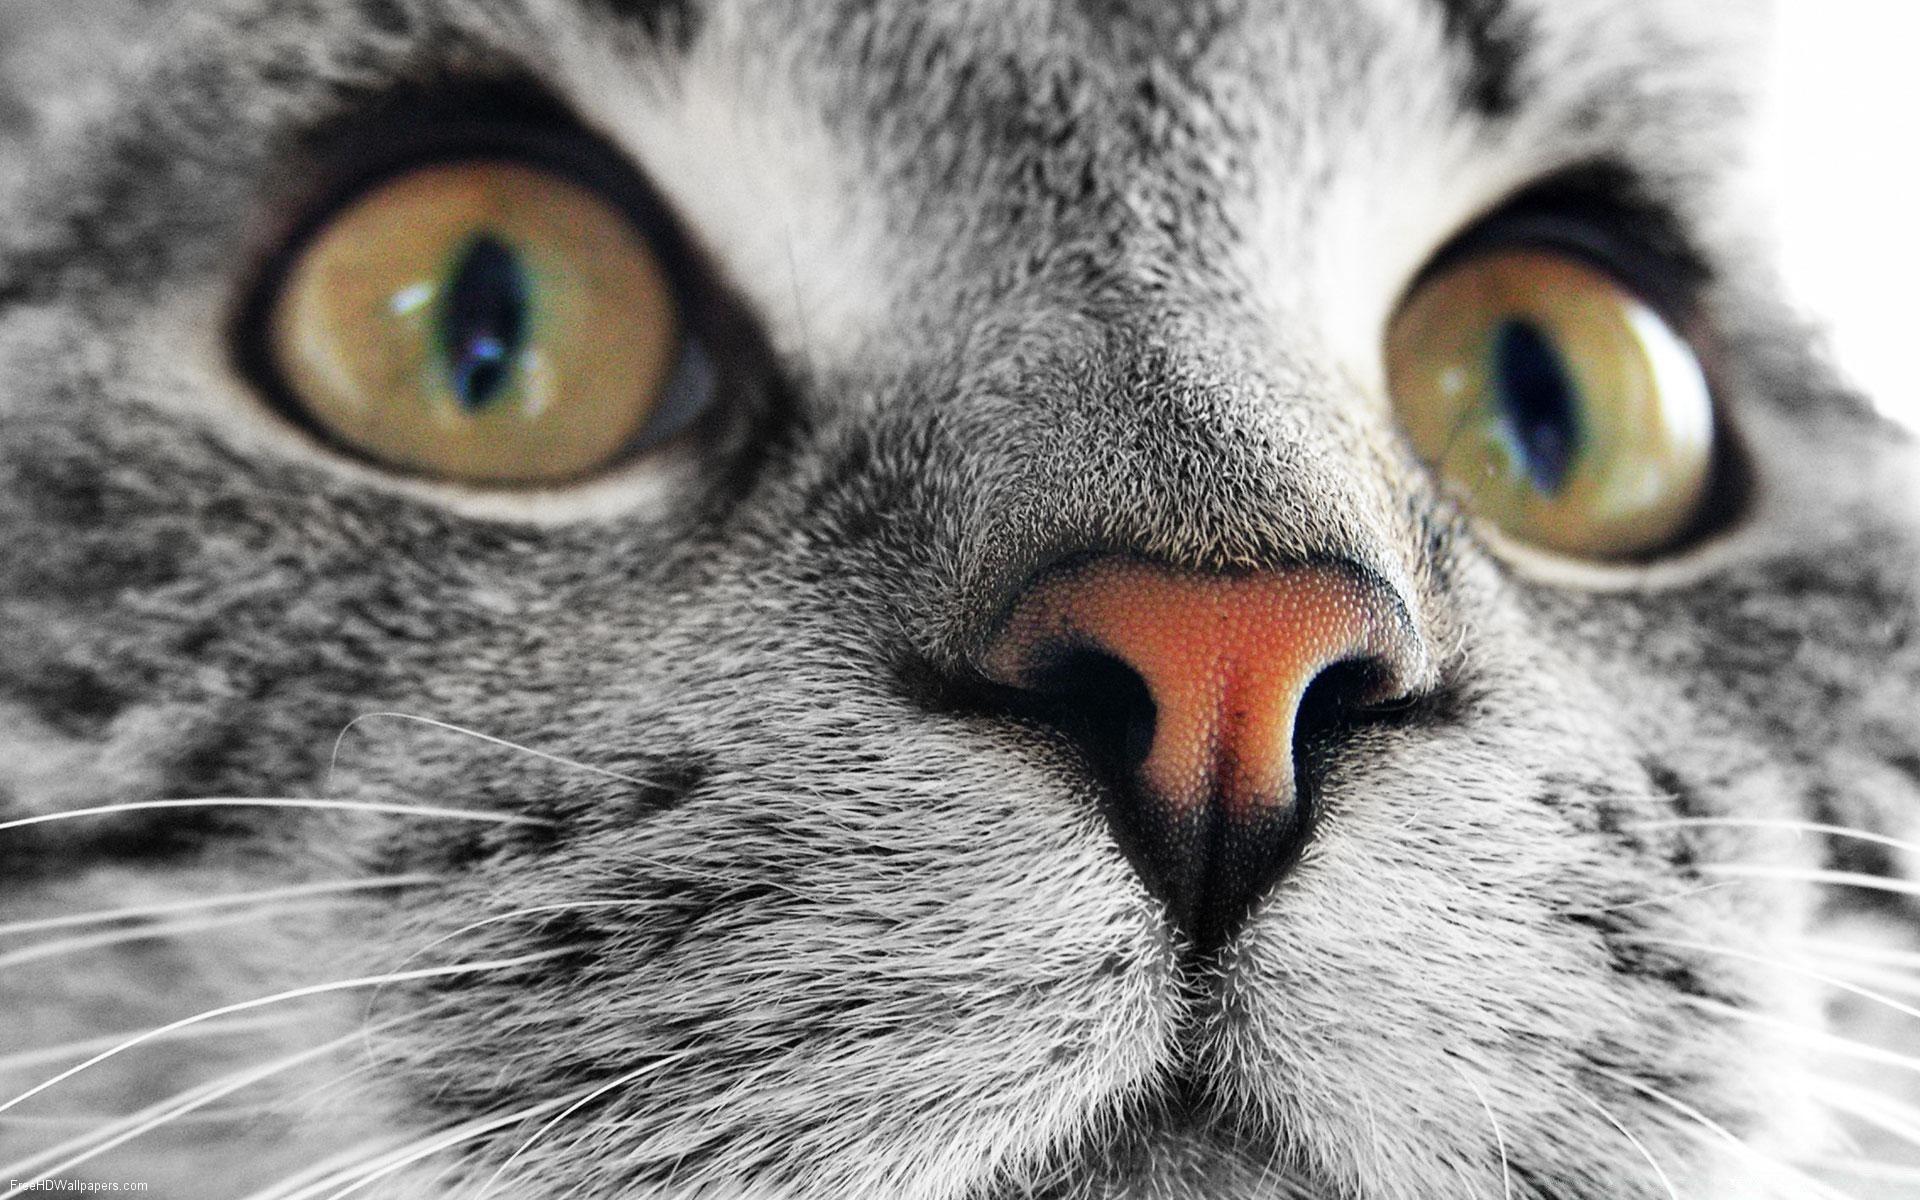 Картинки на телефон глаза животных, надписью дурь